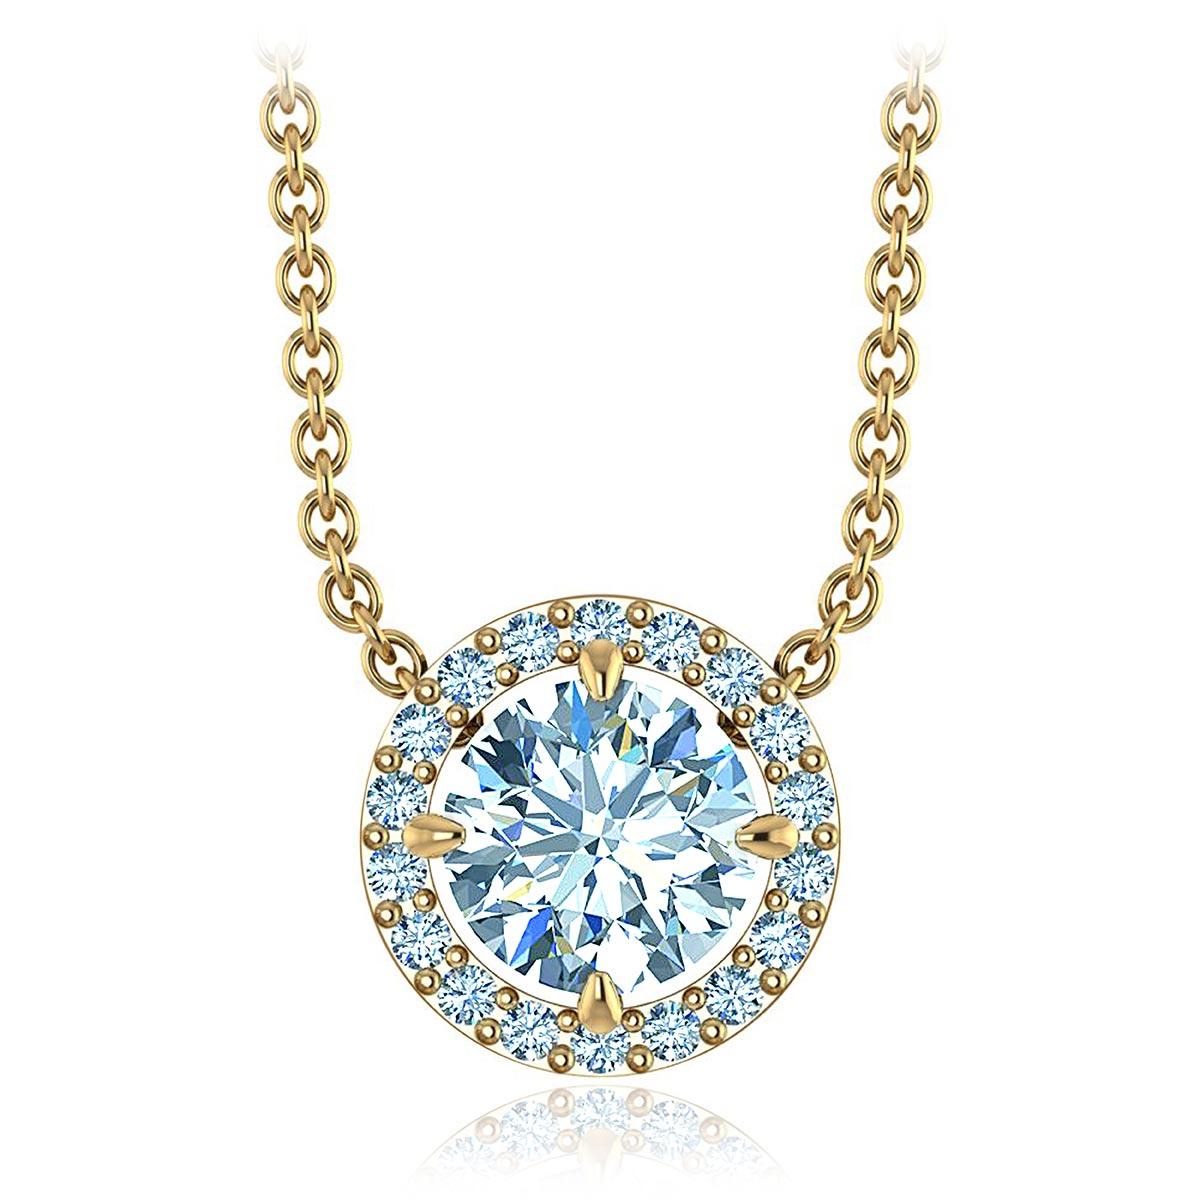 Honesty Diamond Necklace (1/2 CT. TW.)